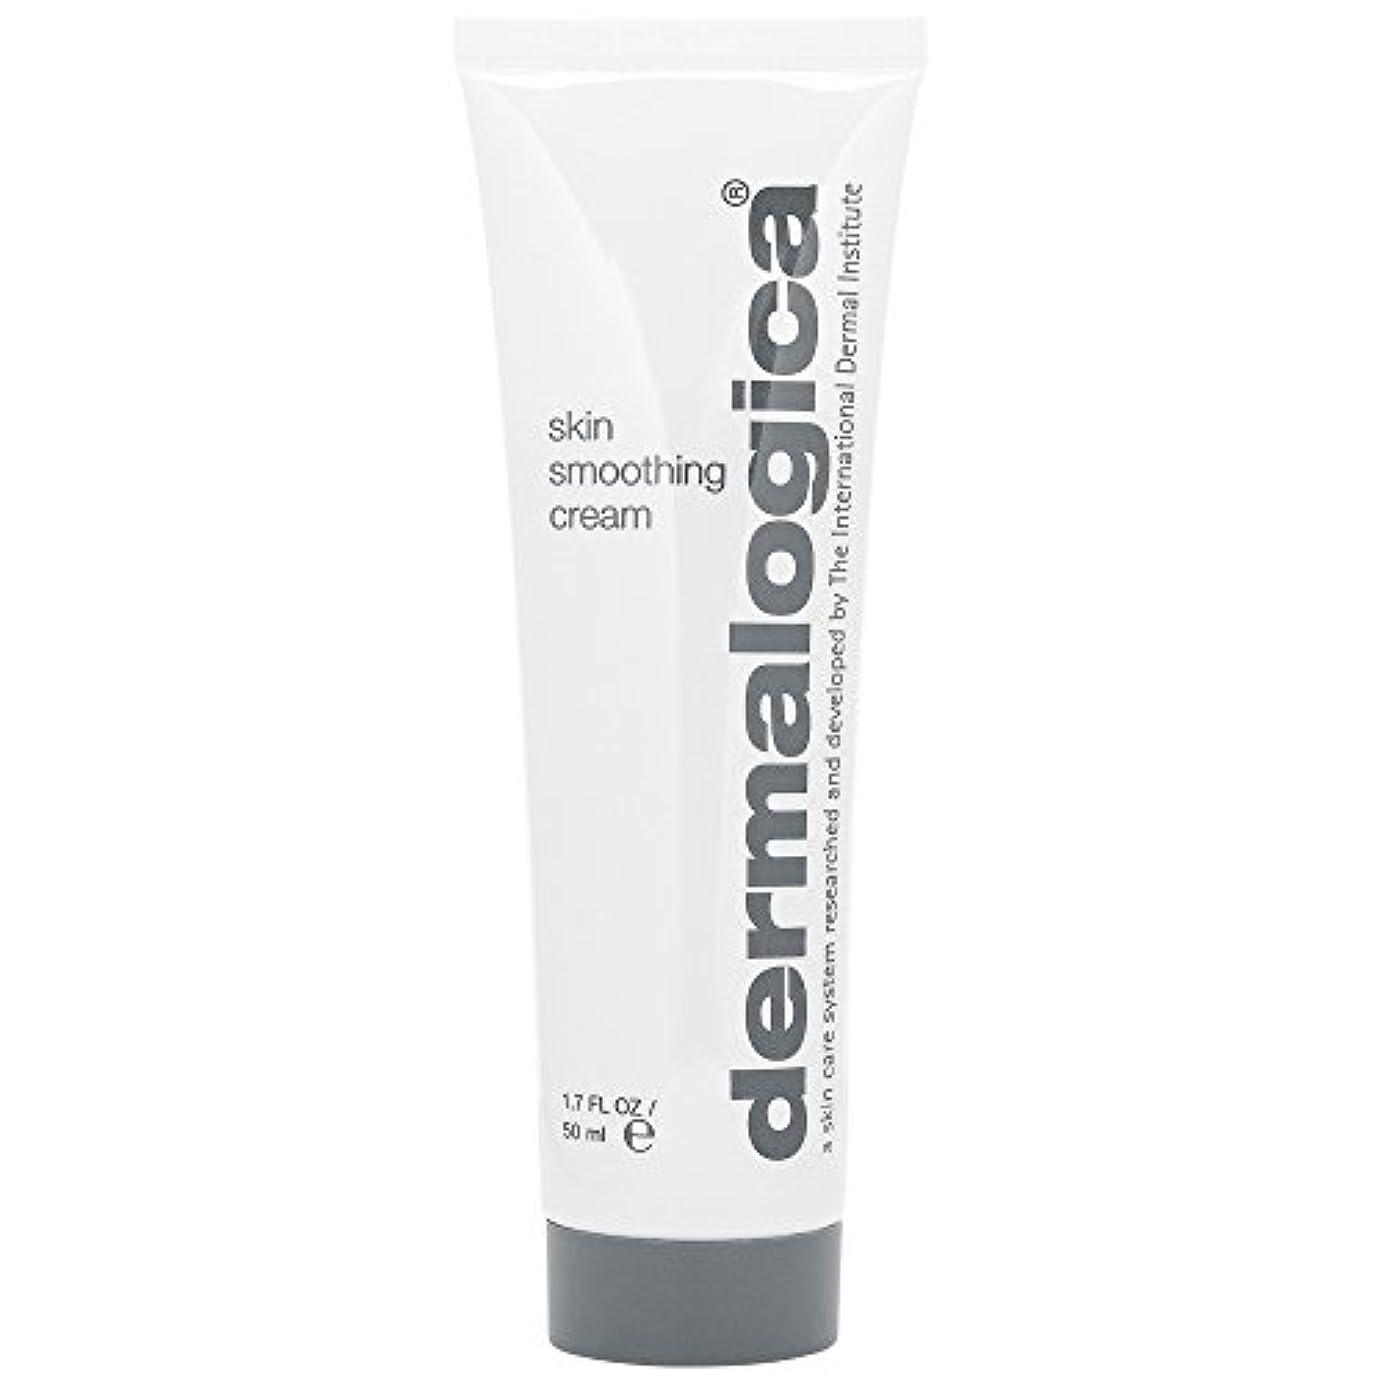 確立キャンディー塗抹ダーマロジカスキンスムージングクリーム50ミリリットル (Dermalogica) (x2) - Dermalogica Skin Smoothing Cream 50ml (Pack of 2) [並行輸入品]